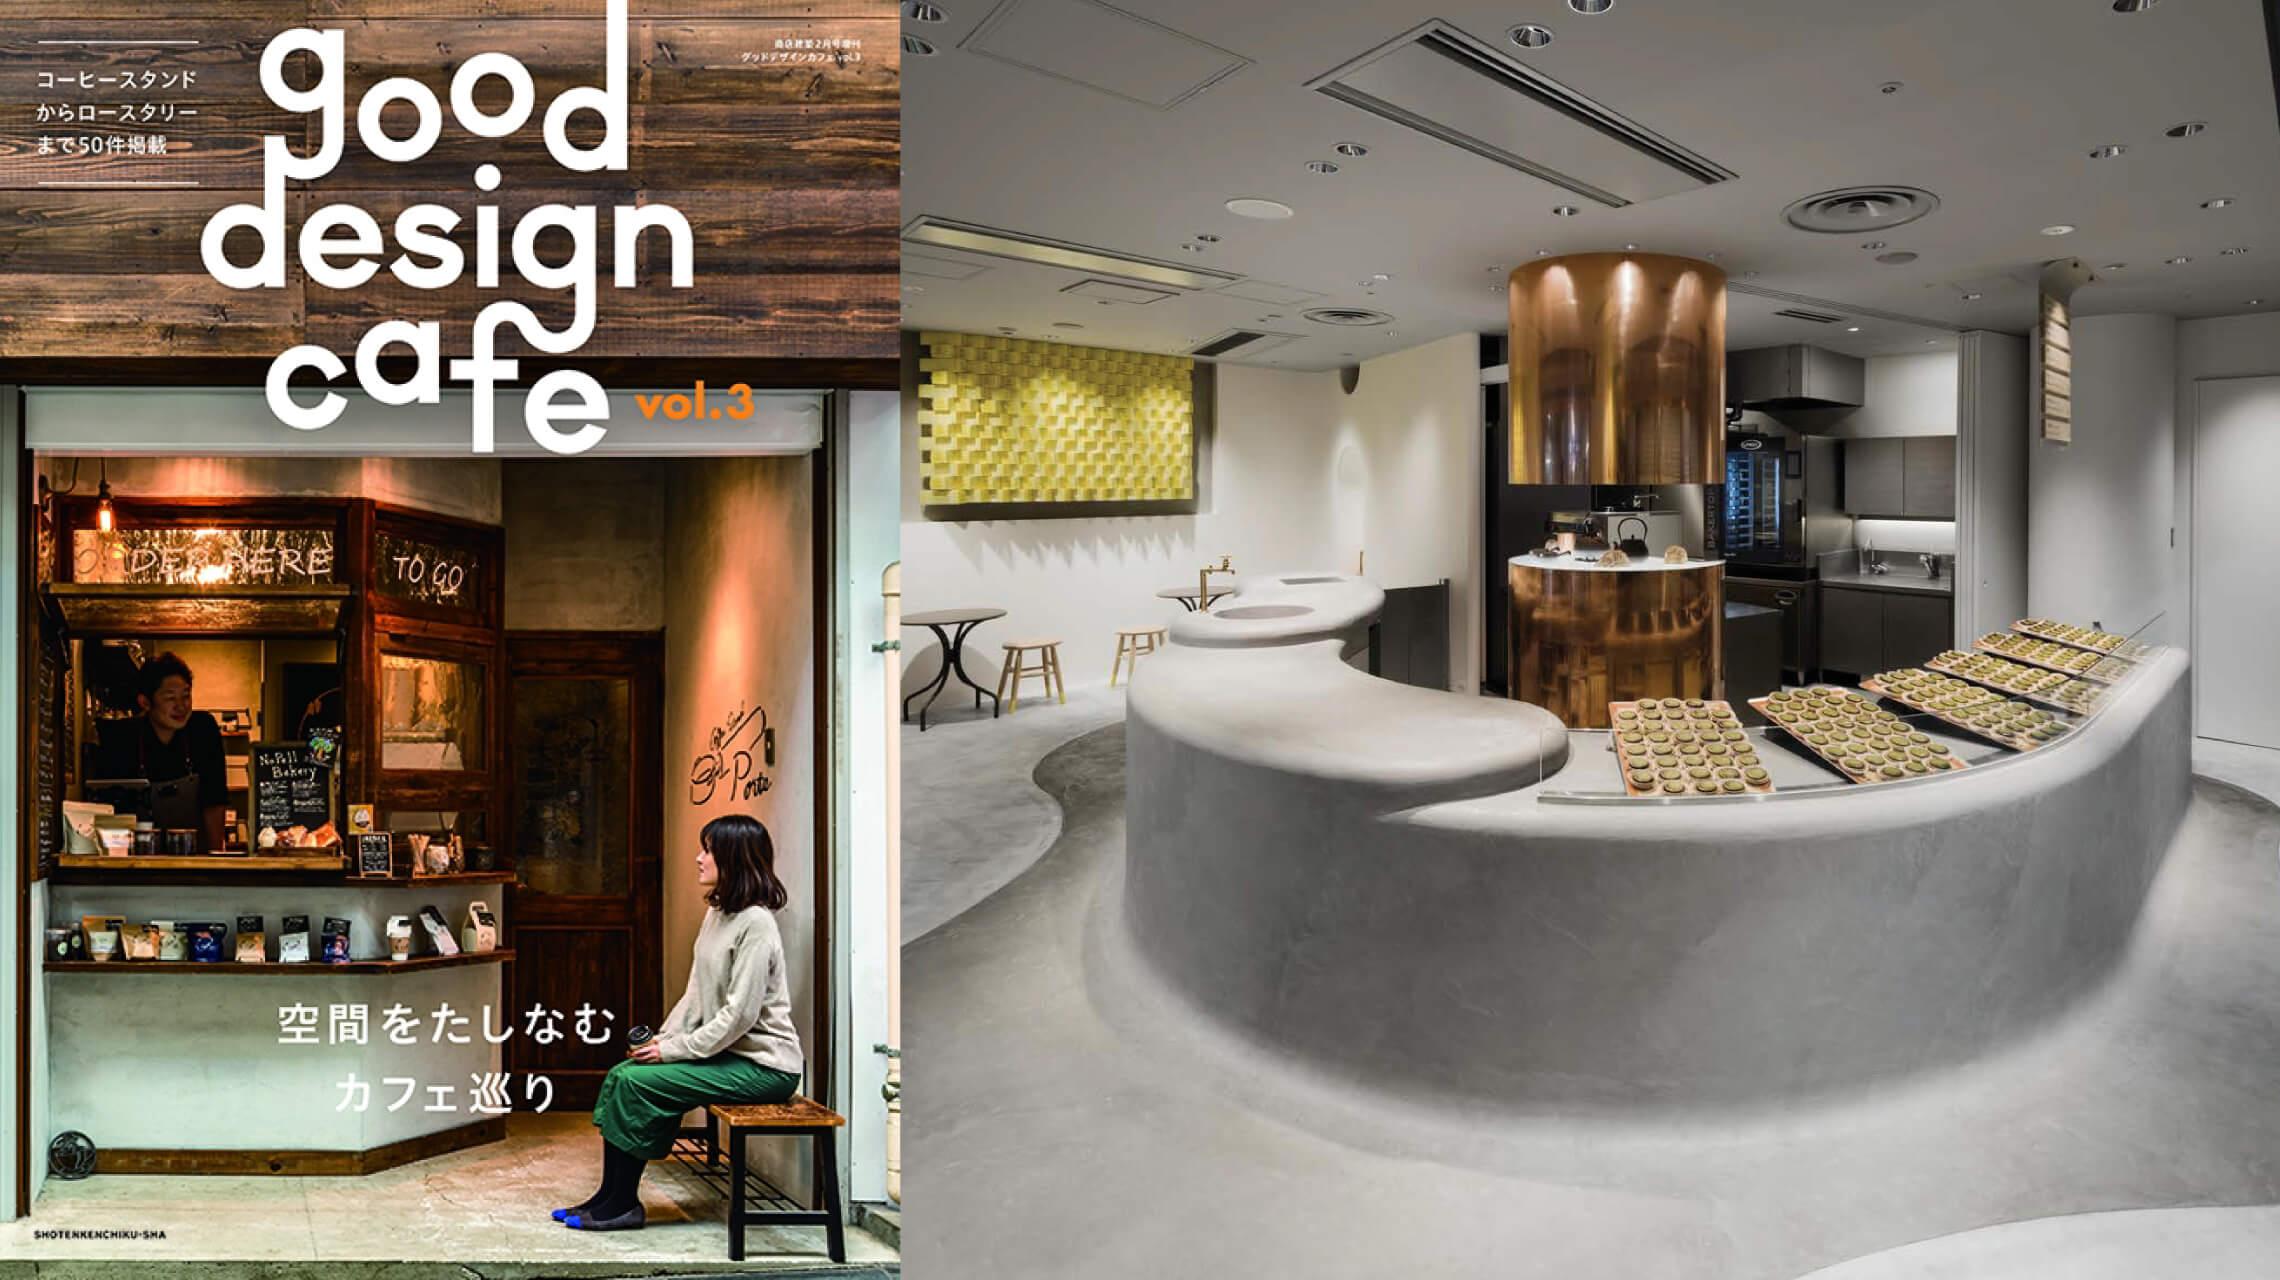 カフェ探しのお供に「good design cafe」を。空間デザインからお気に入りを見つけよう